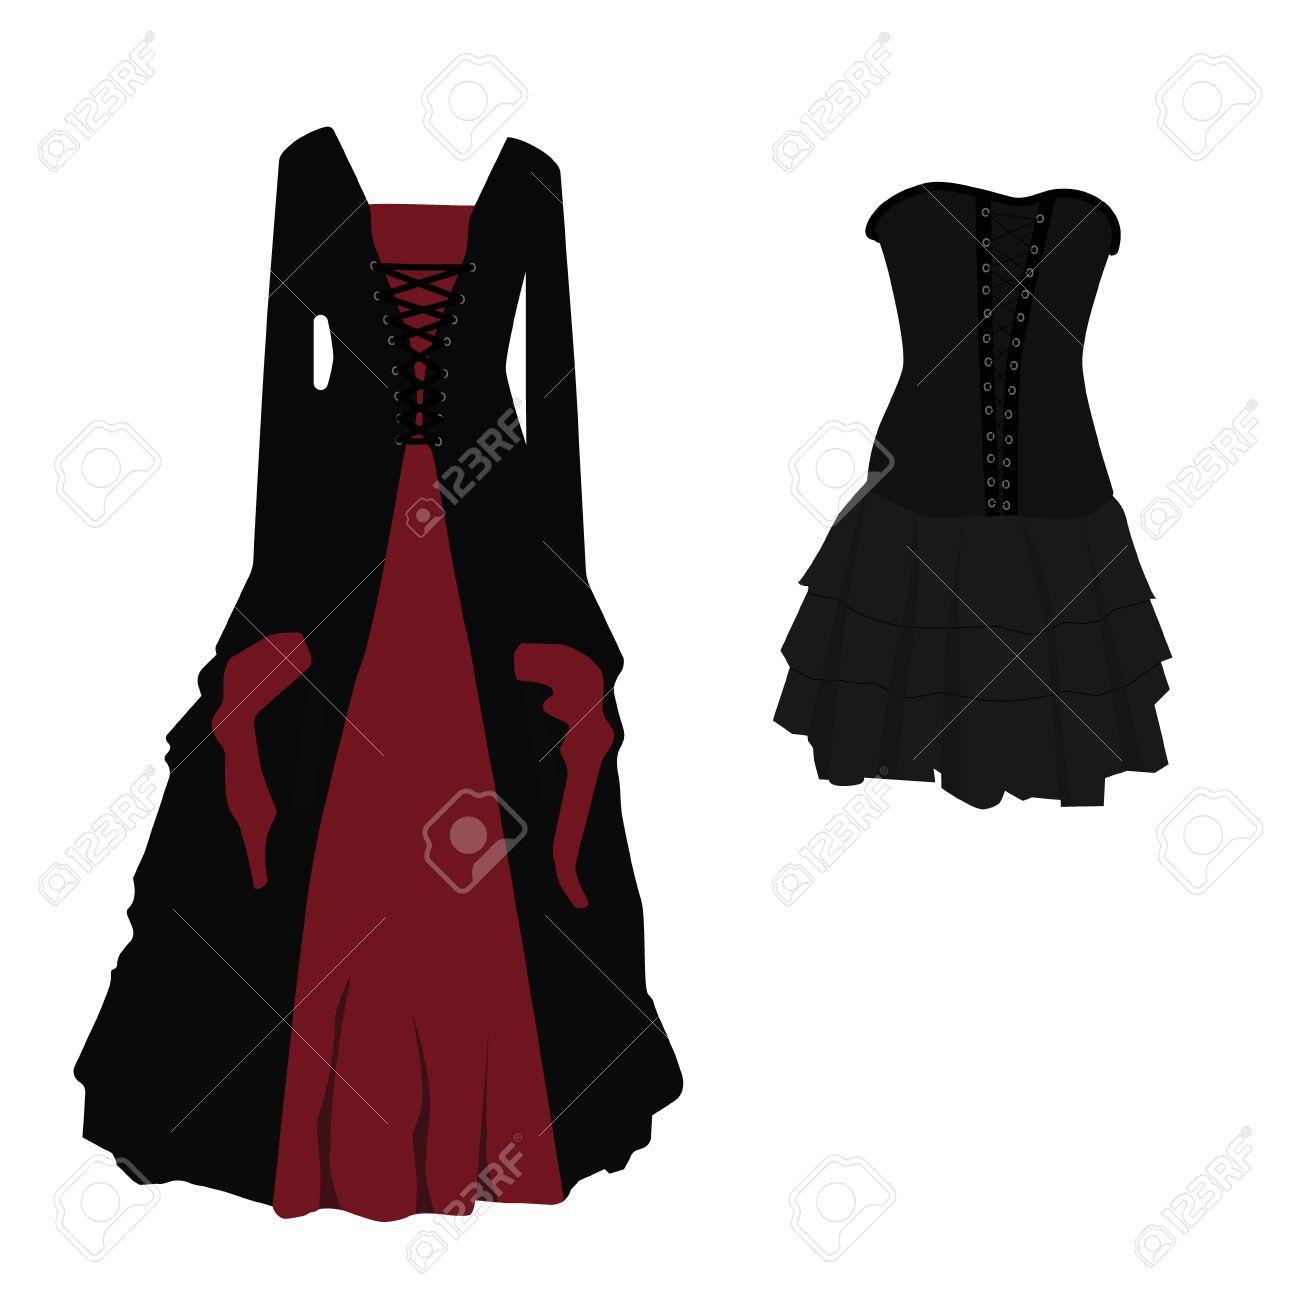 3b9577a20f5 Halloween-Kostüm schwarz-rot Gothic Kleid für Hexe Raster-Darstellung.  Lange und